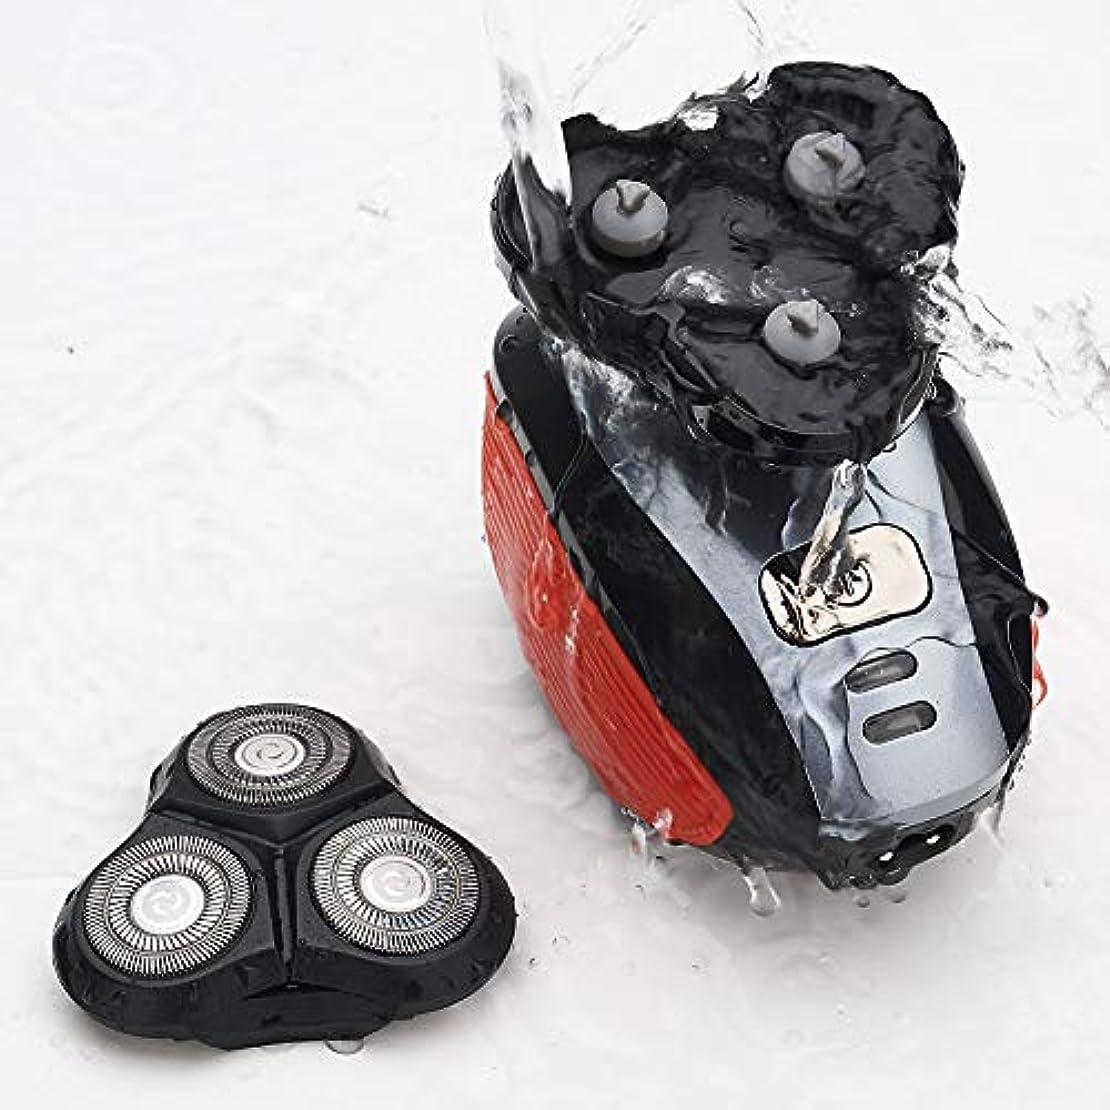 能力あいにくに対応メンズ電気シェーバーコードレス充電カミソリひげトリマー防水